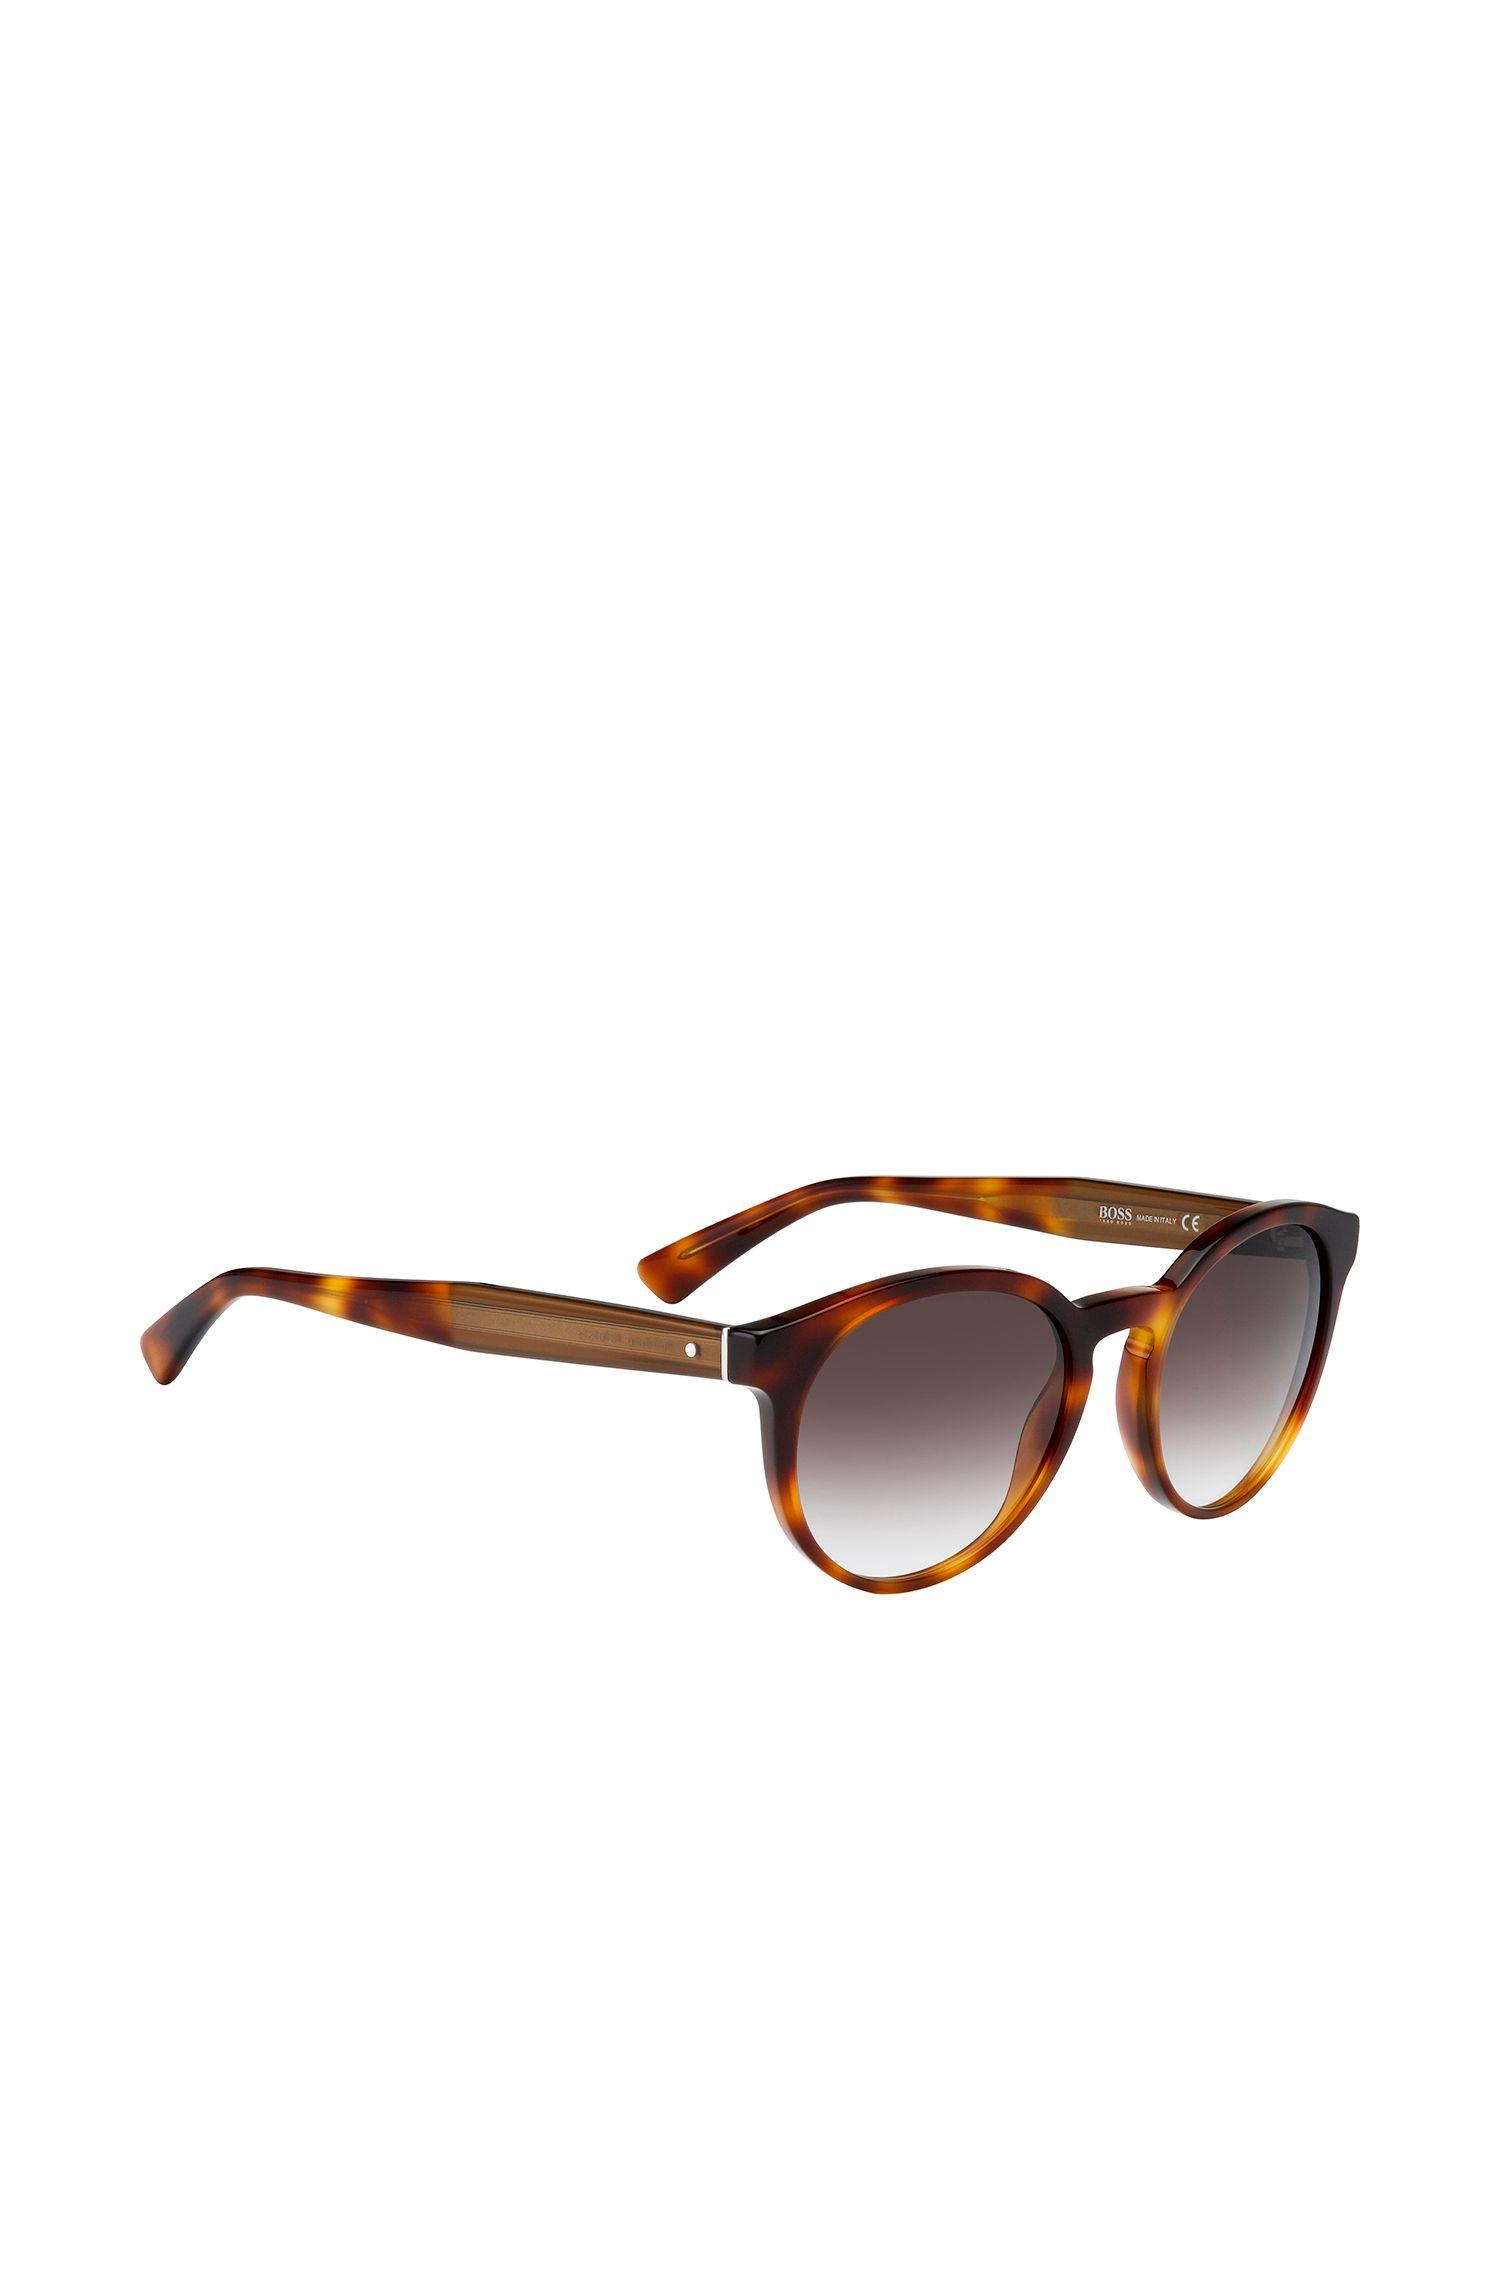 Gafas de sol marrones de estilo Pantos: 'BOSS 0794/S'